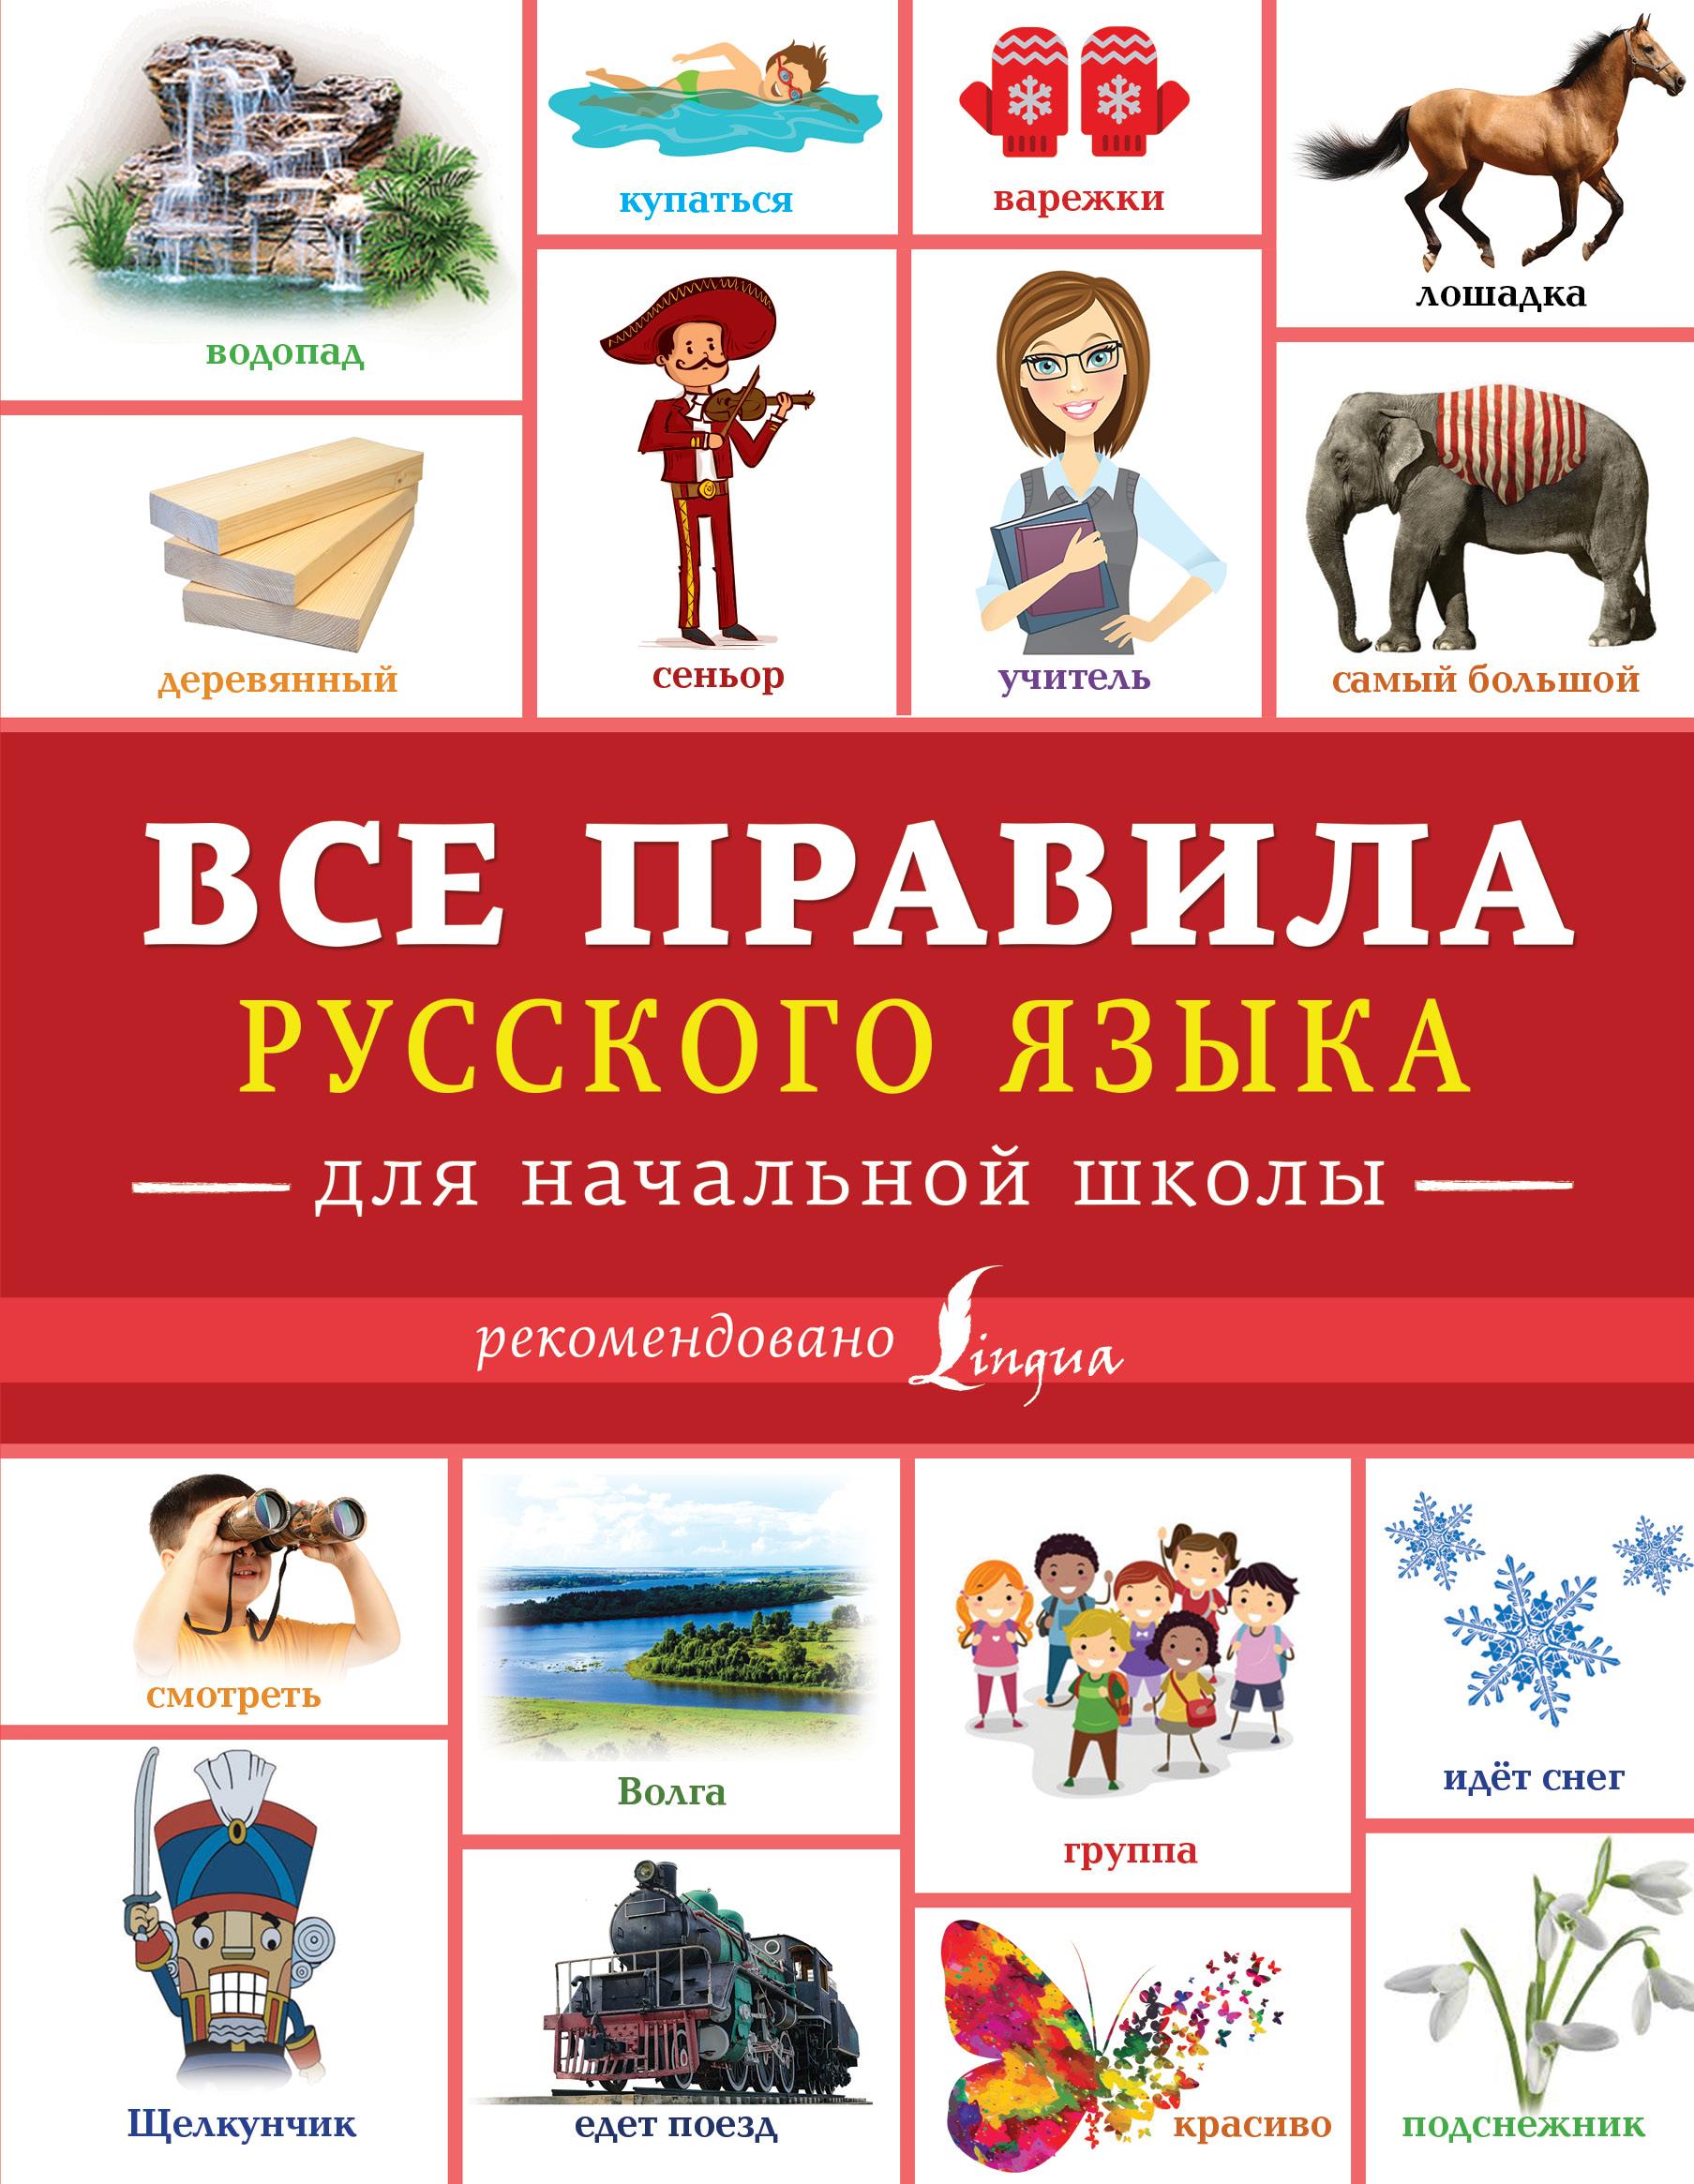 Ф.С. Алексеев Все правила русского языка для начальной школы ребенок в начальной школе проблемы и перспективы